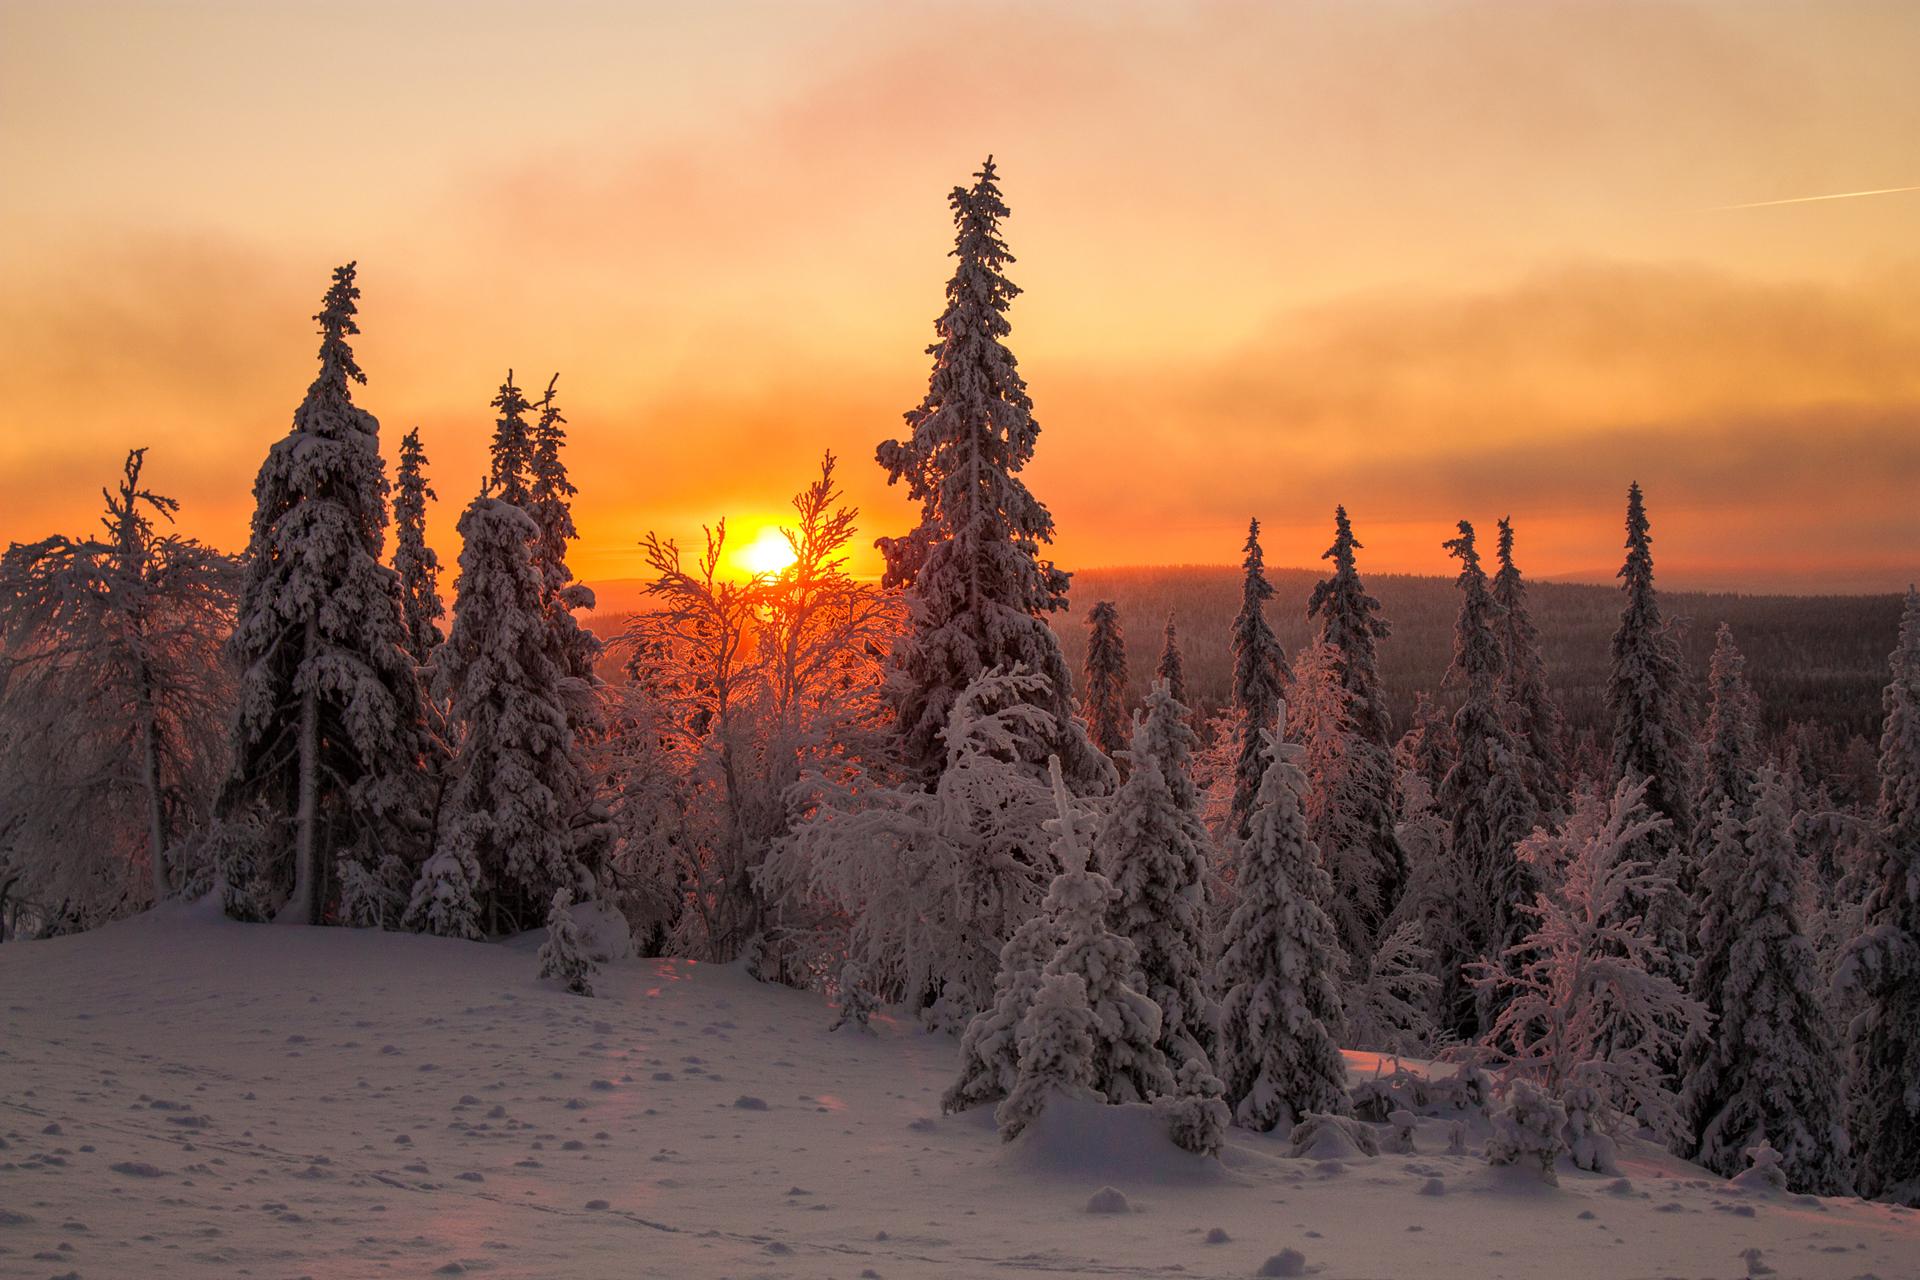 вспышки находятся картинки зеленые ели зима снег закат дачного